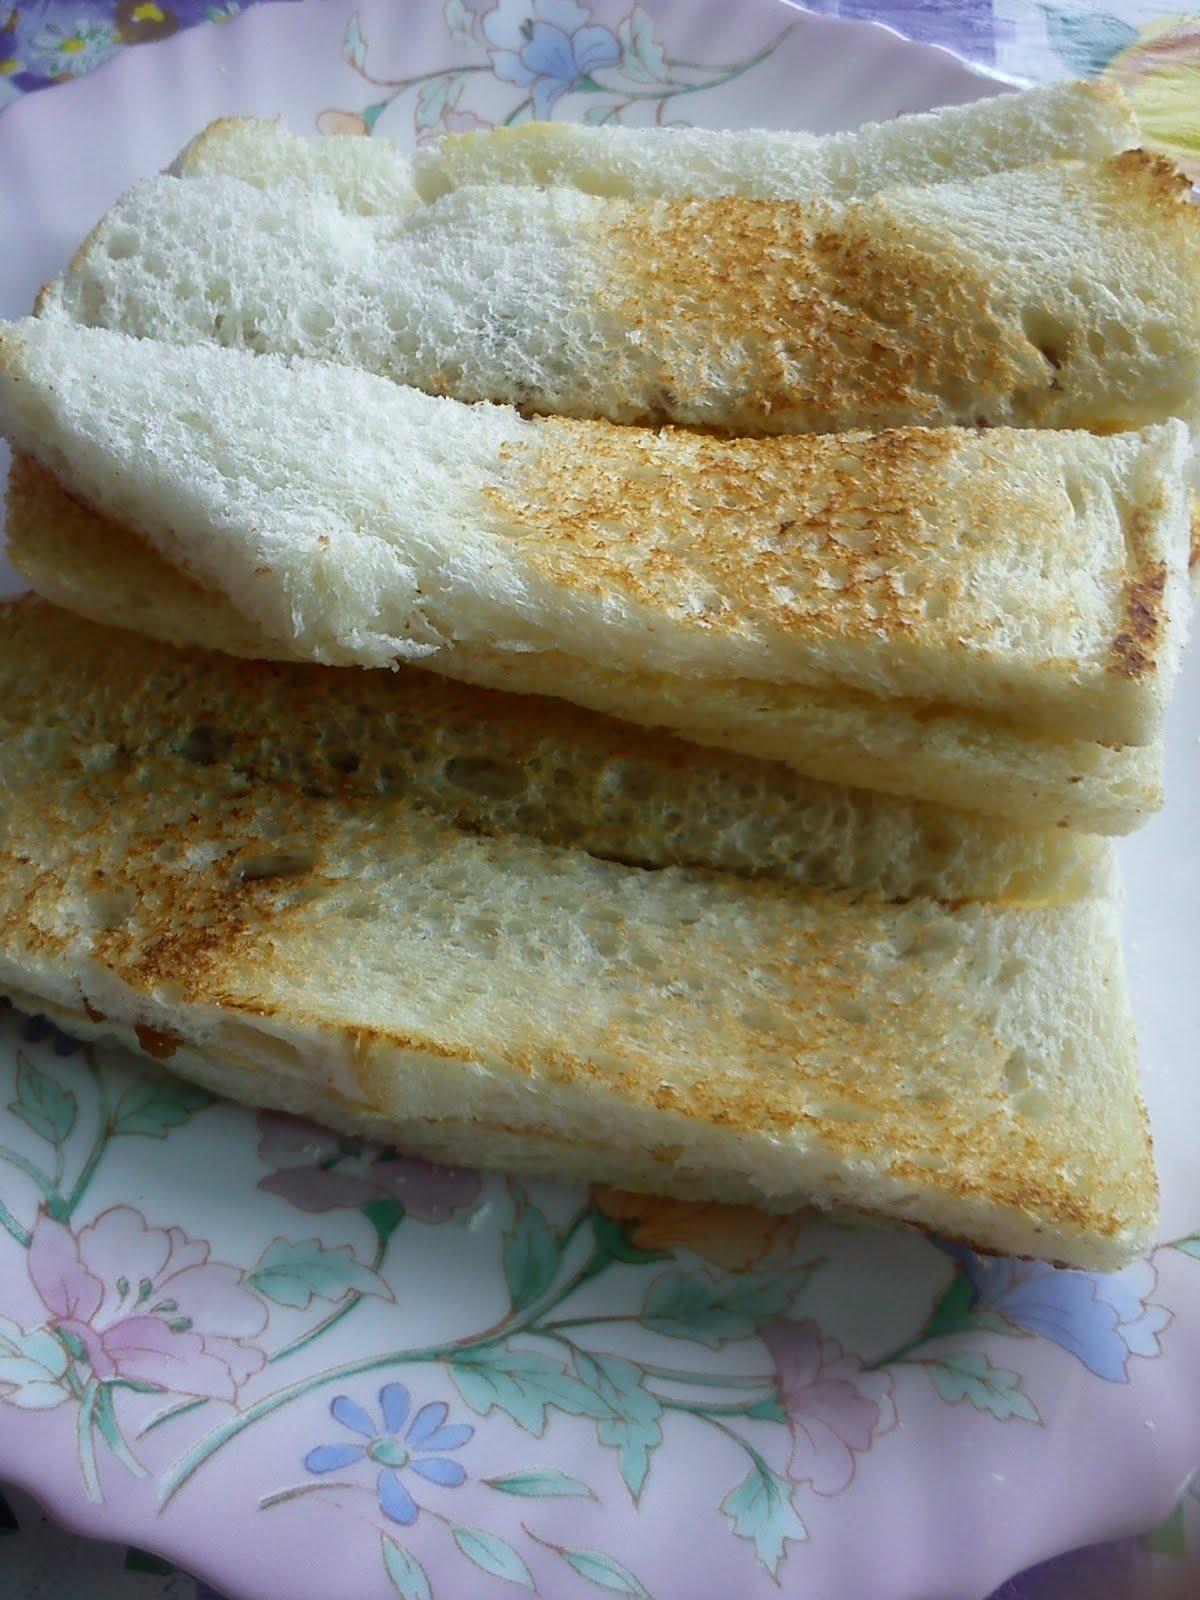 ... roti bakar dengan nescafe sorang satu mug roti tu bakar atas pan yang